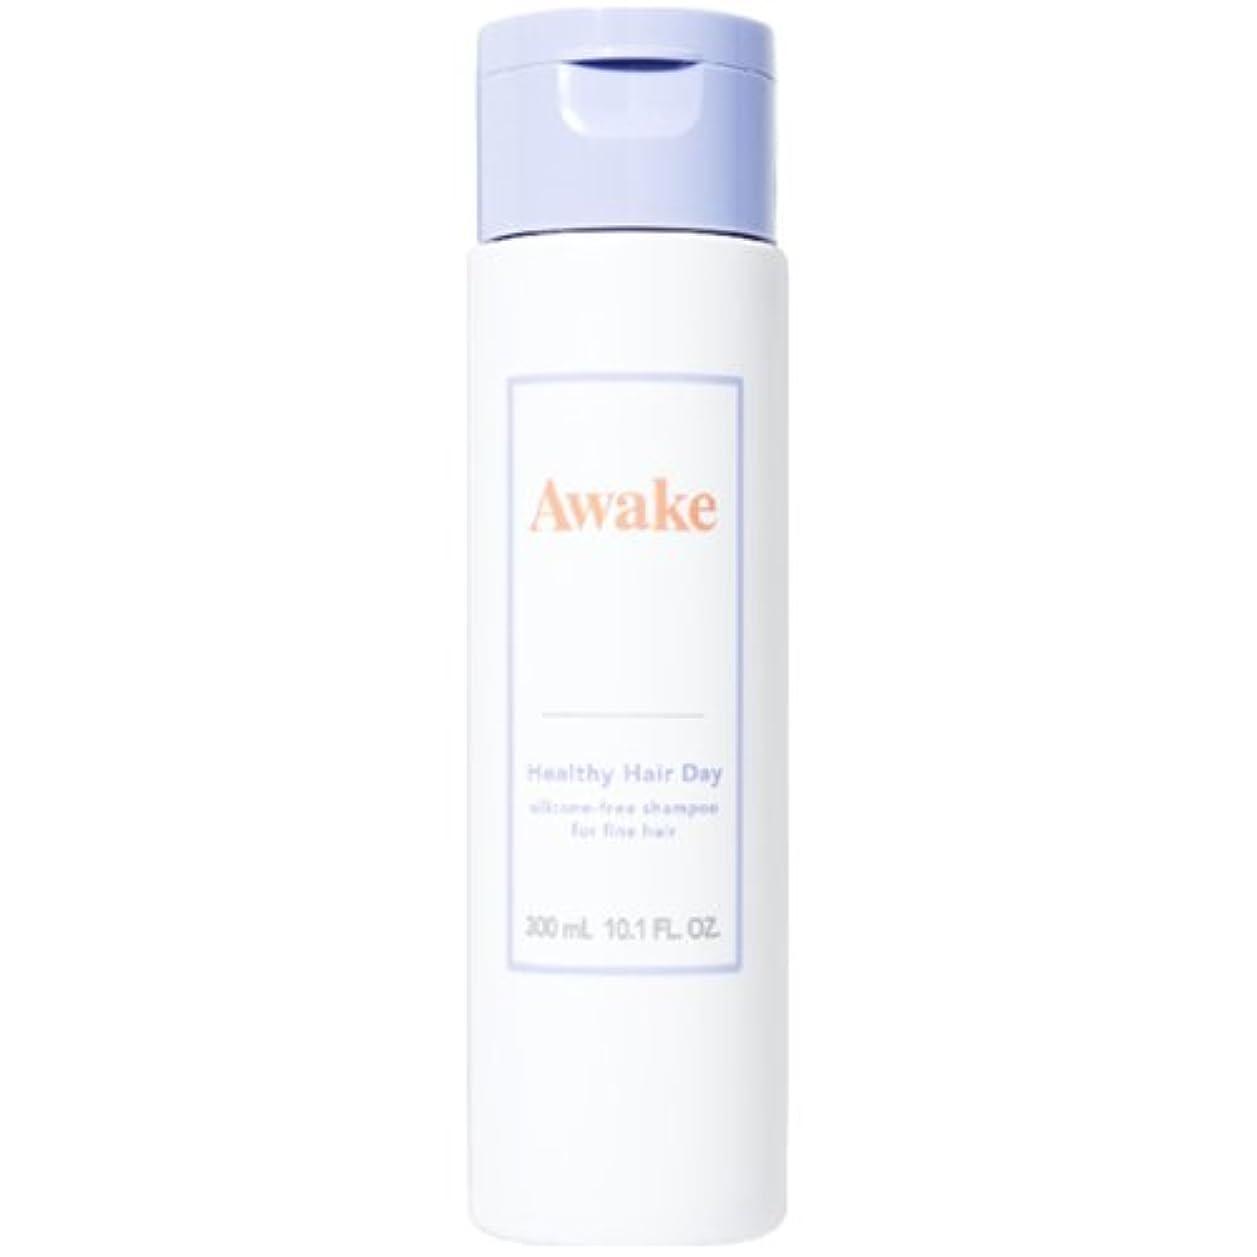 抑圧最初に助言するアウェイク(AWAKE) Awake(アウェイク) ヘルシーヘアデイ シリコーンフリー ヘアシャンプー ハリコシアップヘア用 (300mL)